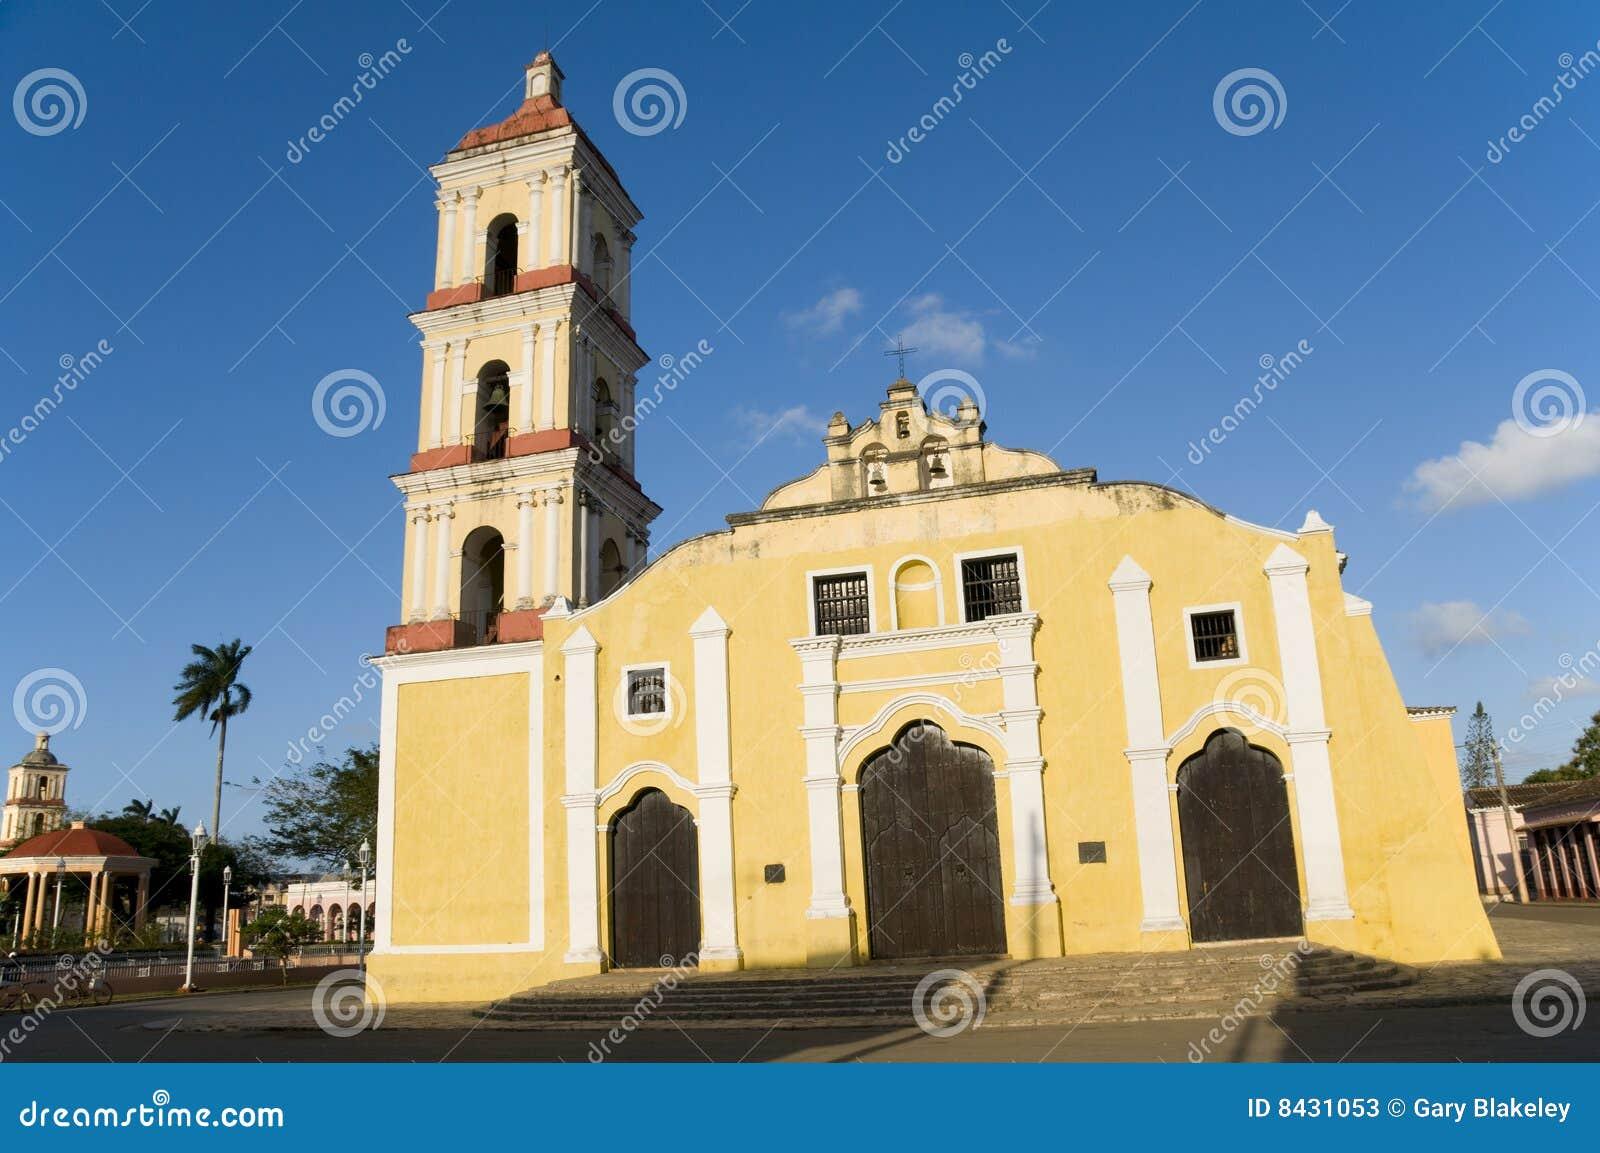 Remedios san du Cuba de juan los d église